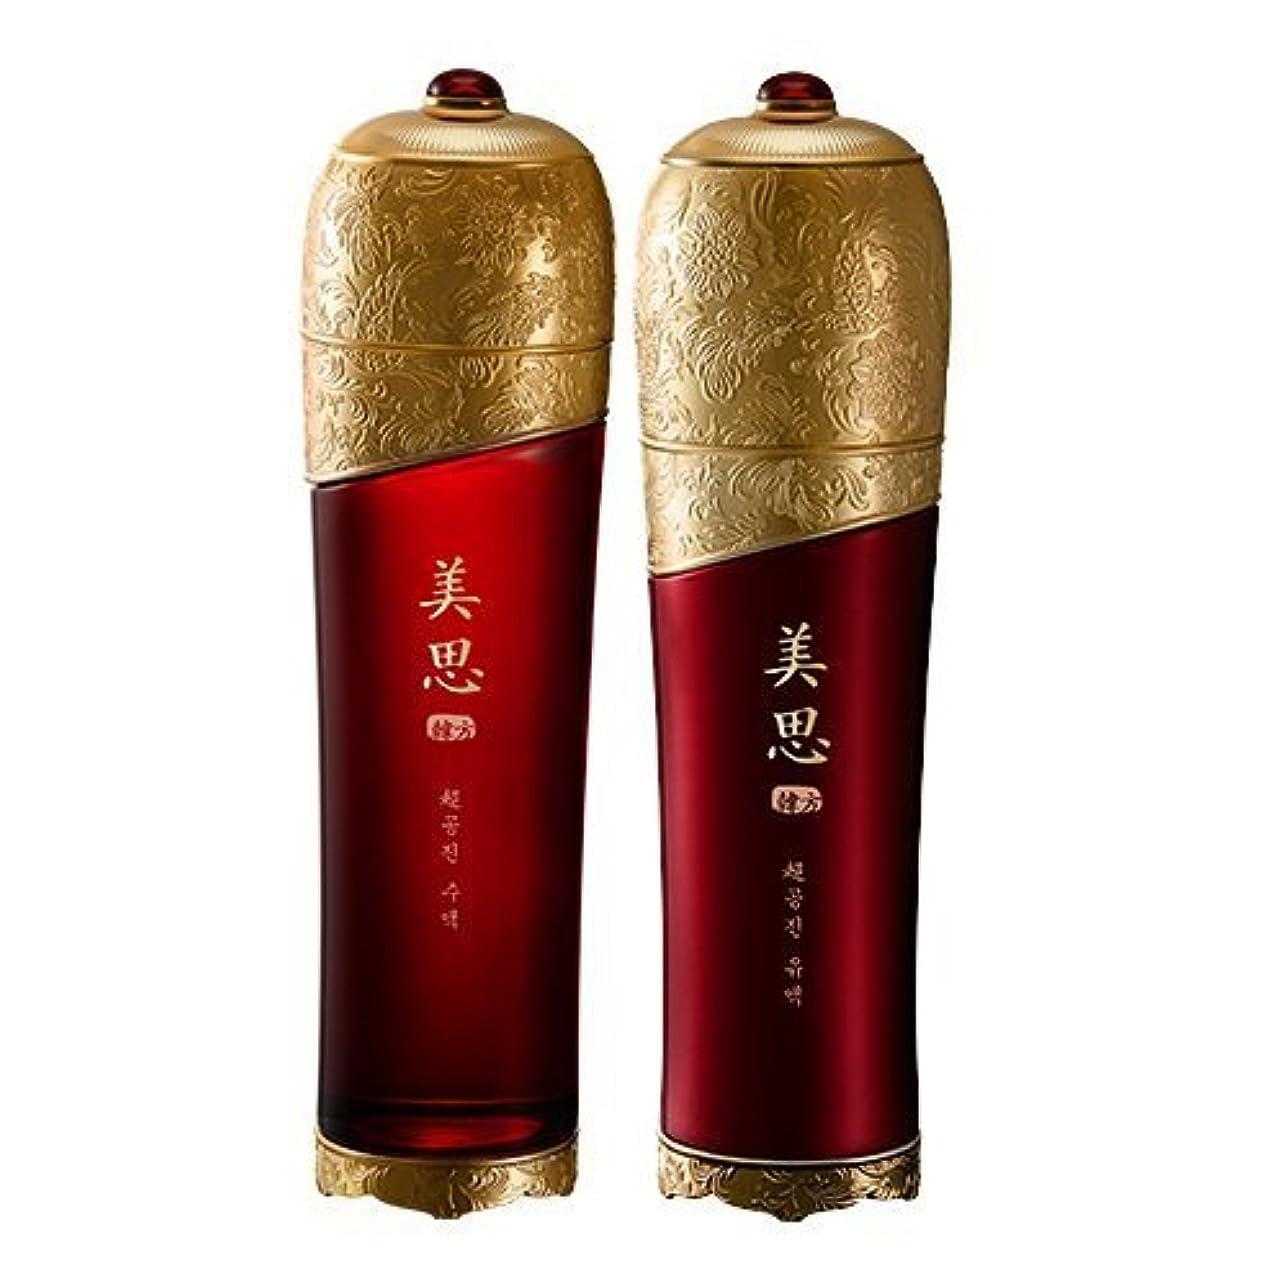 勇敢な絶えずネブMISSHA(ミシャ) 美思 韓方 チョゴンジン 基礎化粧品 スキンケア 化粧水+乳液=お得2種Set